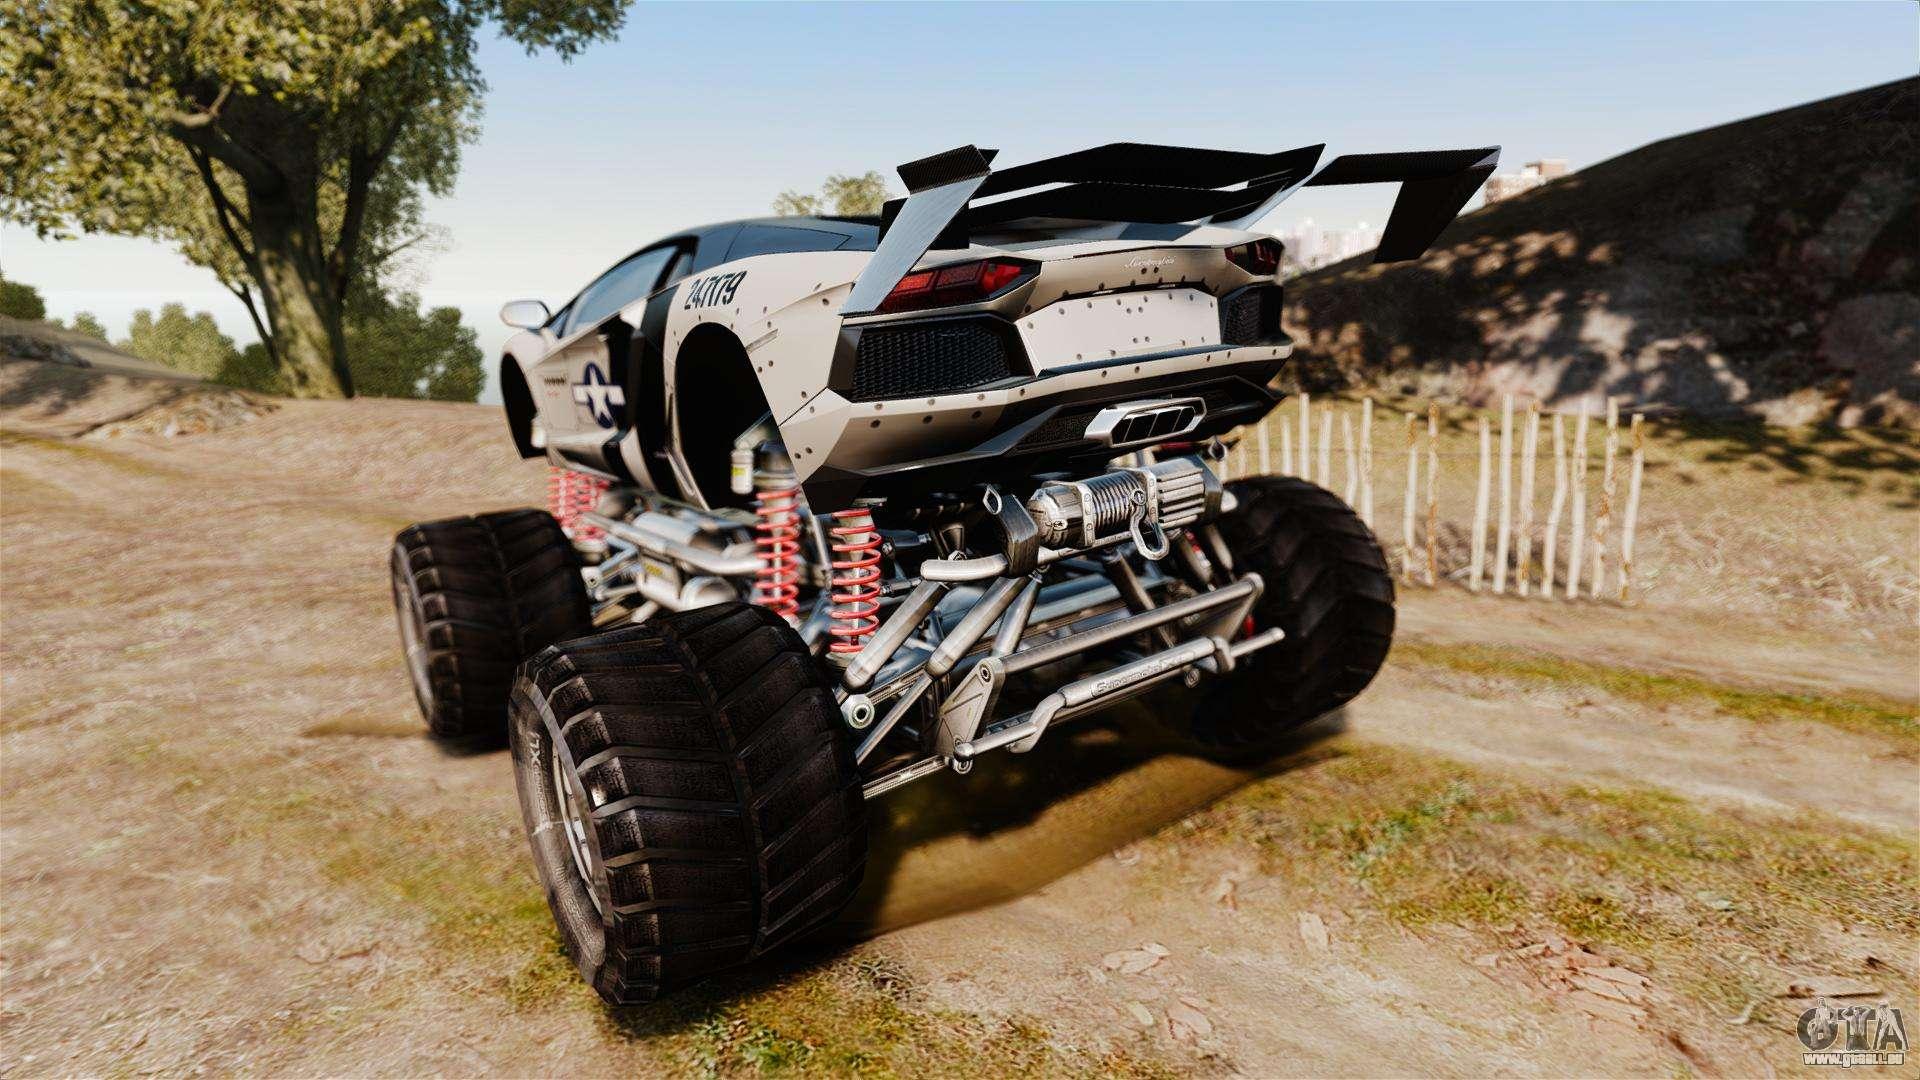 Image Gallery Lamborghini Truck Limo